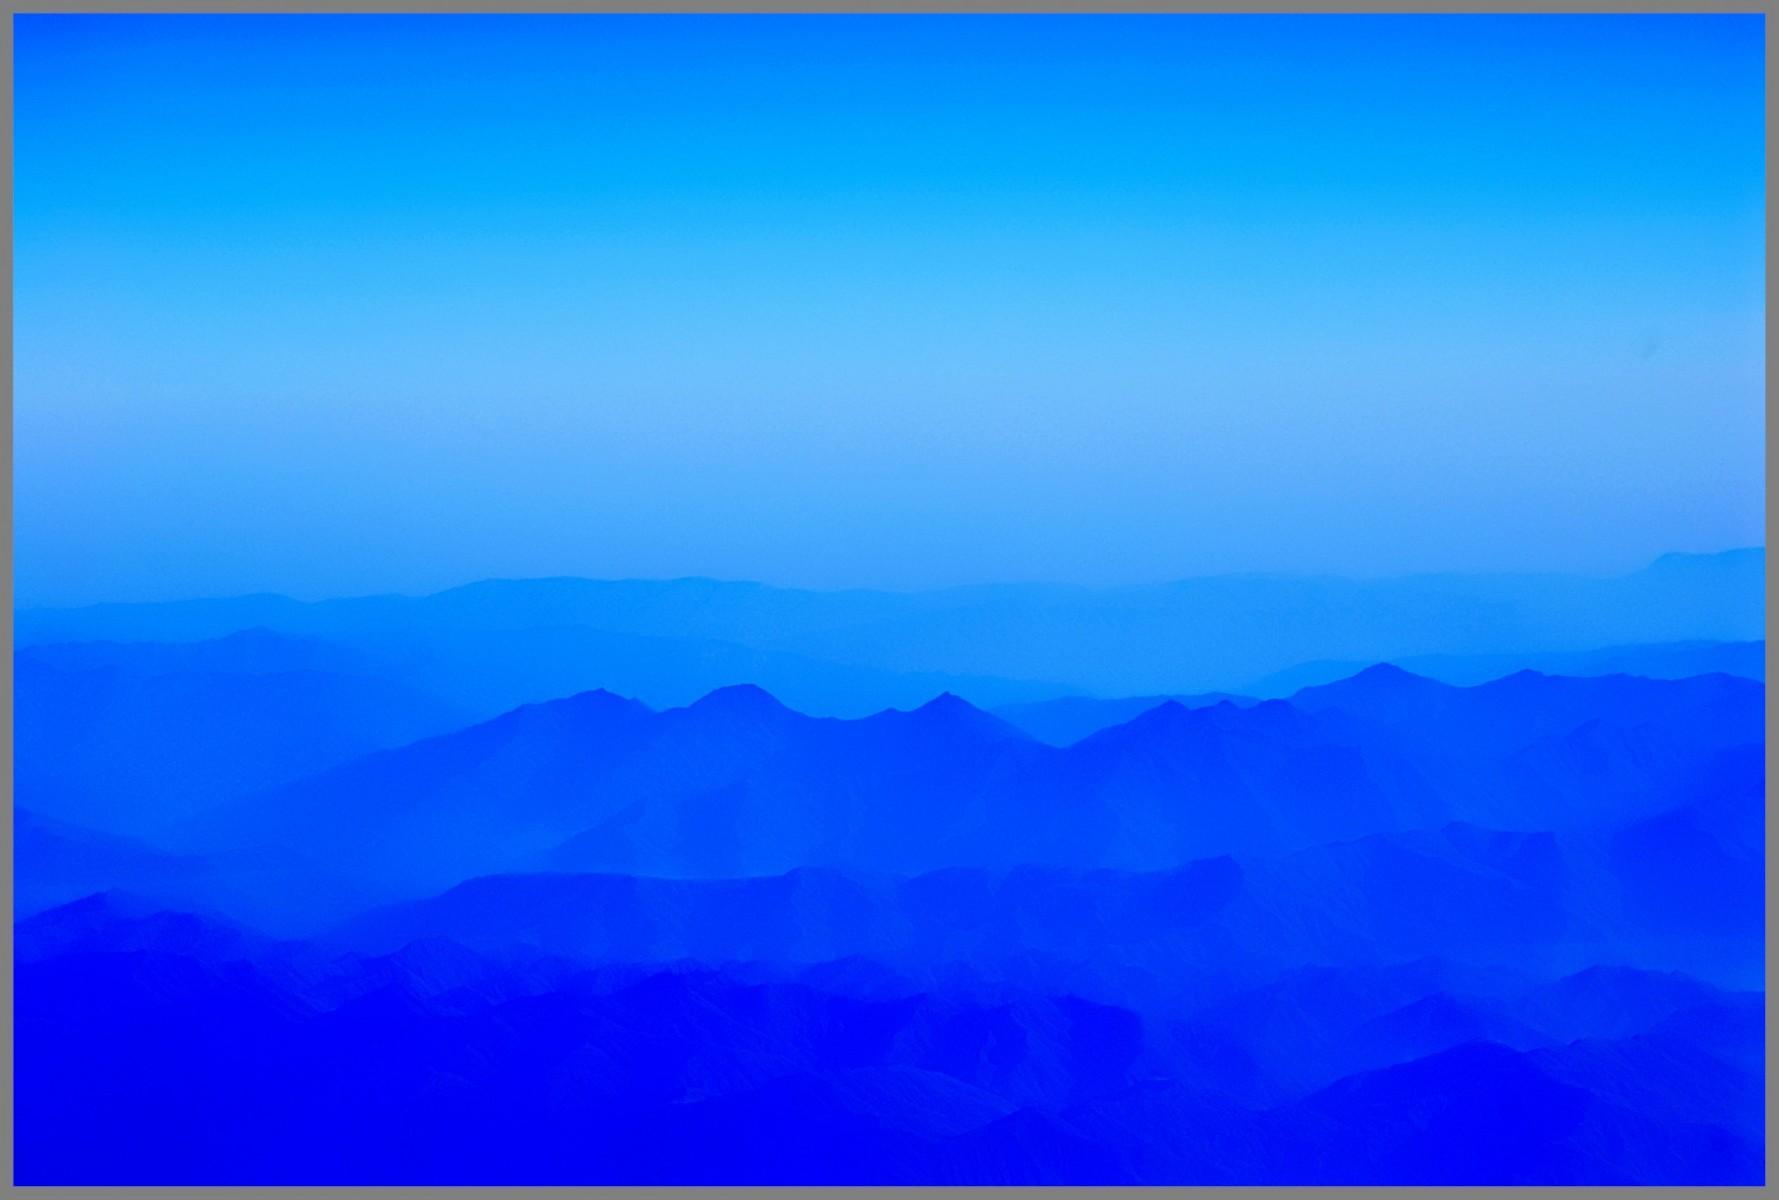 5053108-Aereo-0003-blu Storie di Luce